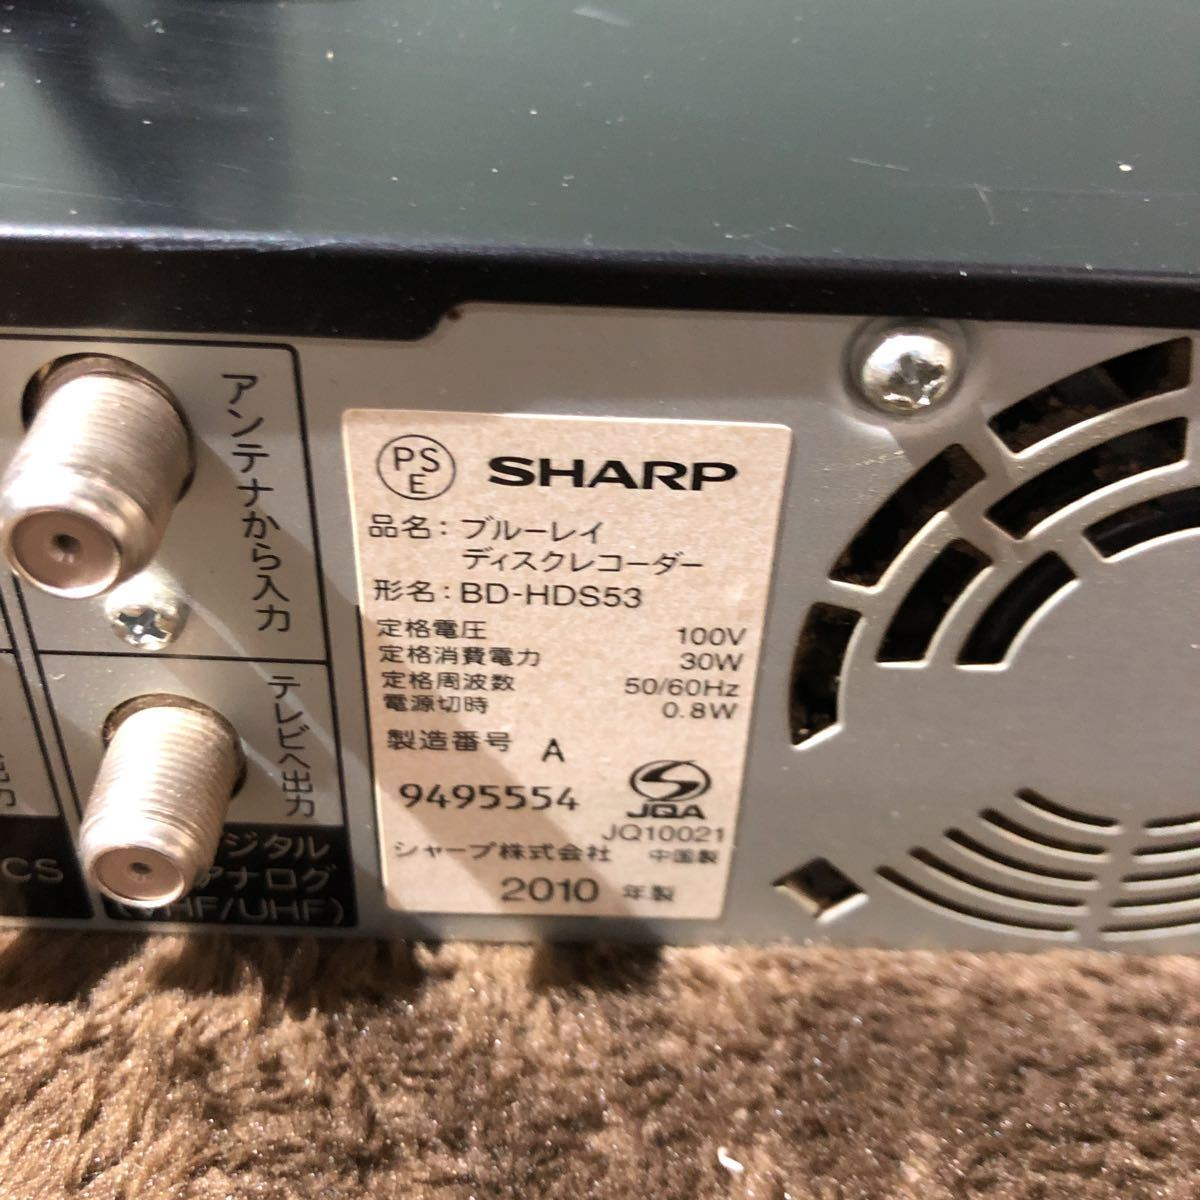 SHARP シャープ BD-HDS53 ブルーレイレコーダー 通電OK 電源コード・リモコン・B-CASカード付き 現状品_画像8